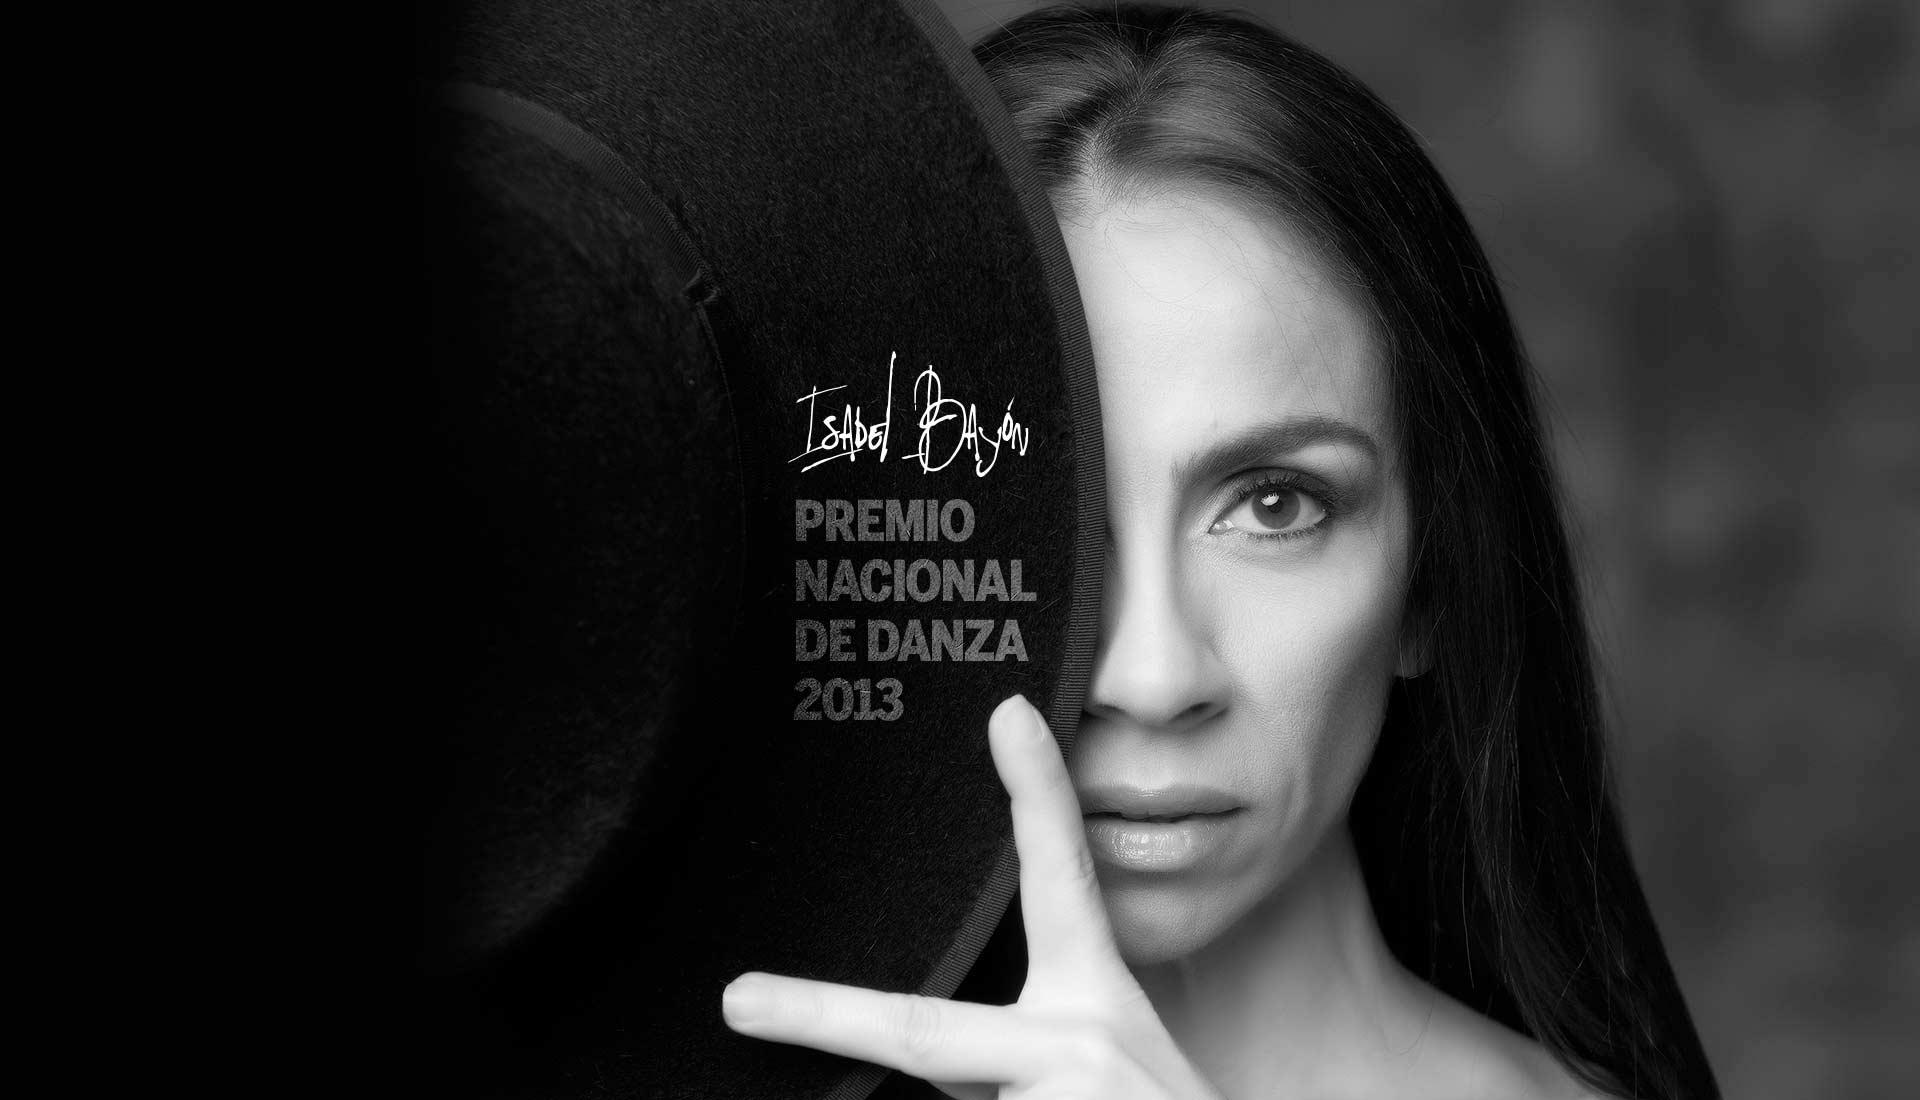 Isabel Bayón, Premio Nacional de Danza 2013